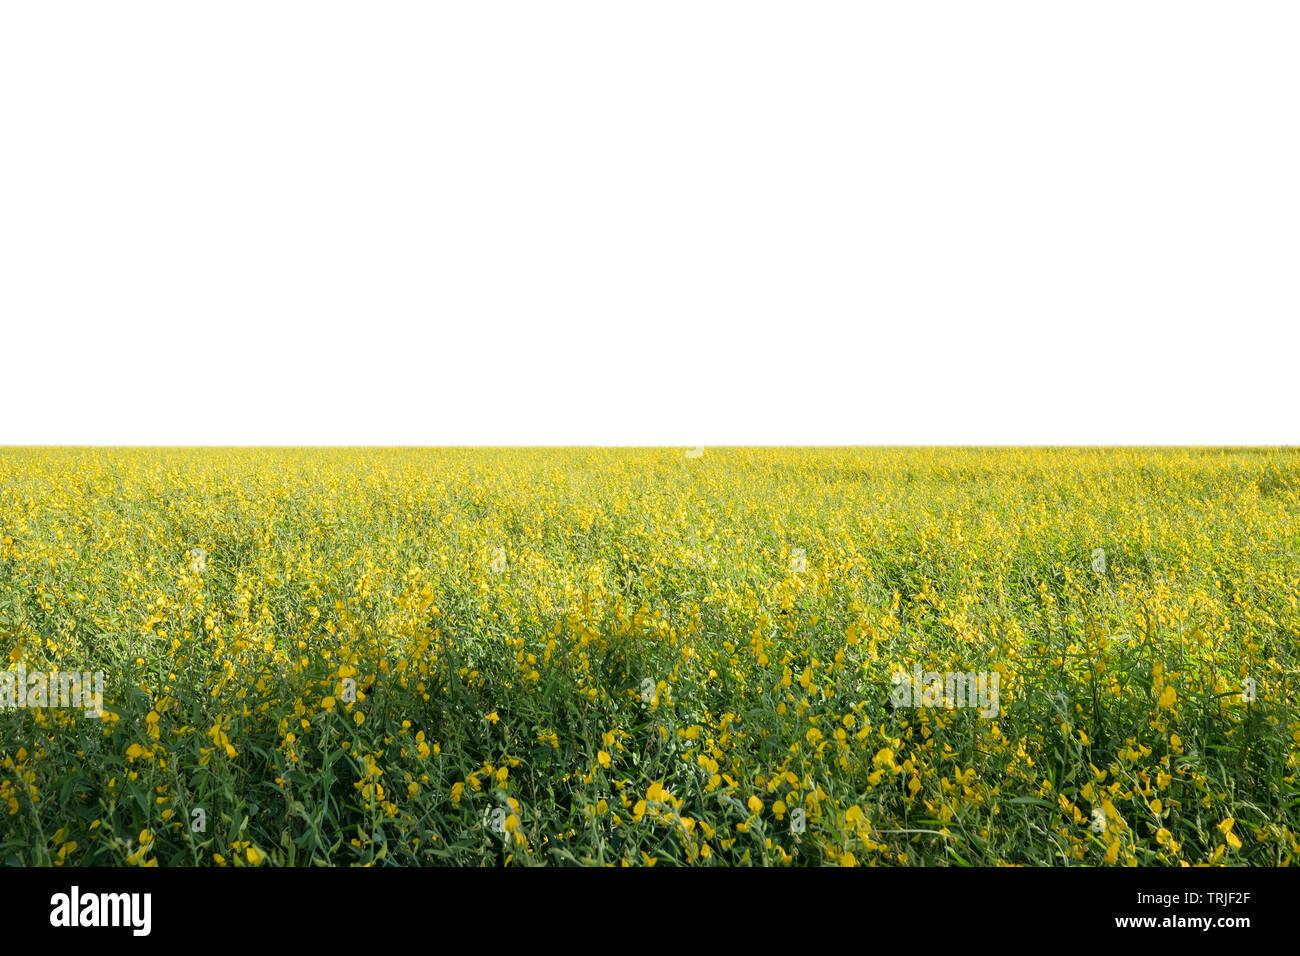 Sunn Hanf, Chanvre Indien, CROTALARIA JUNCEA gelbe Blüten im Feld auf weißem Hintergrund Stockbild